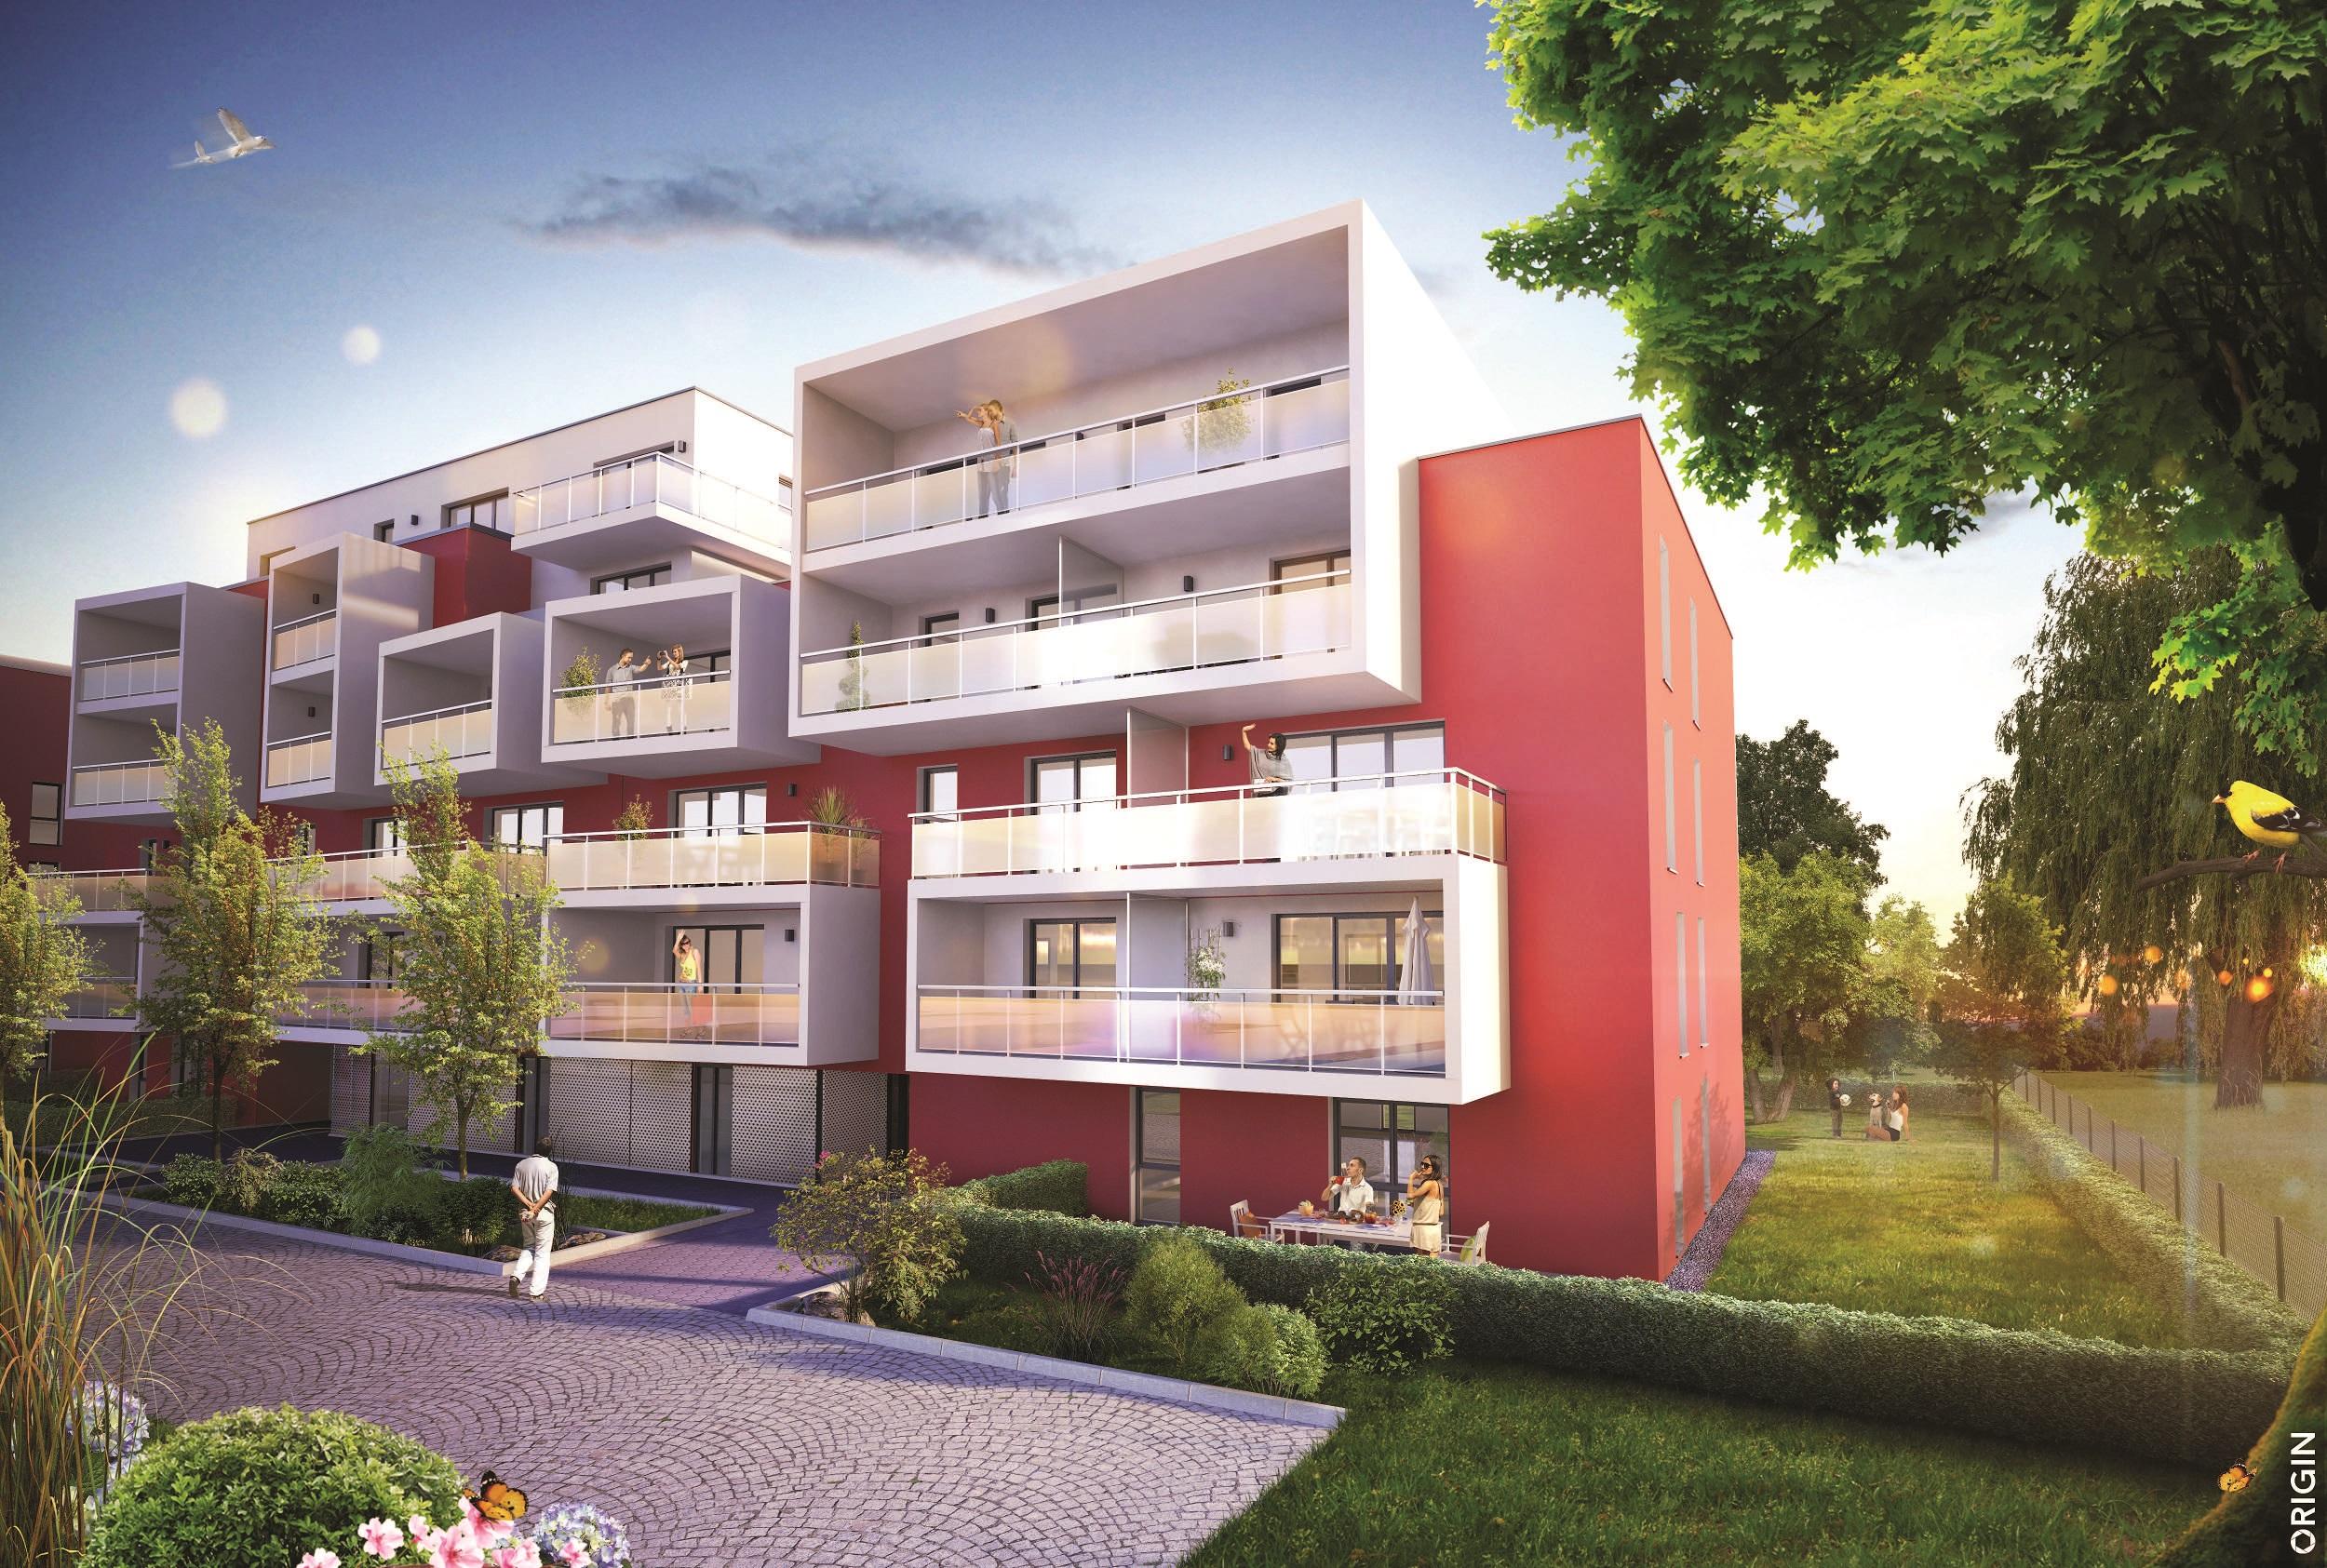 Habitat de l 39 ill constructeur maison individuelle for Promoteur maison individuelle